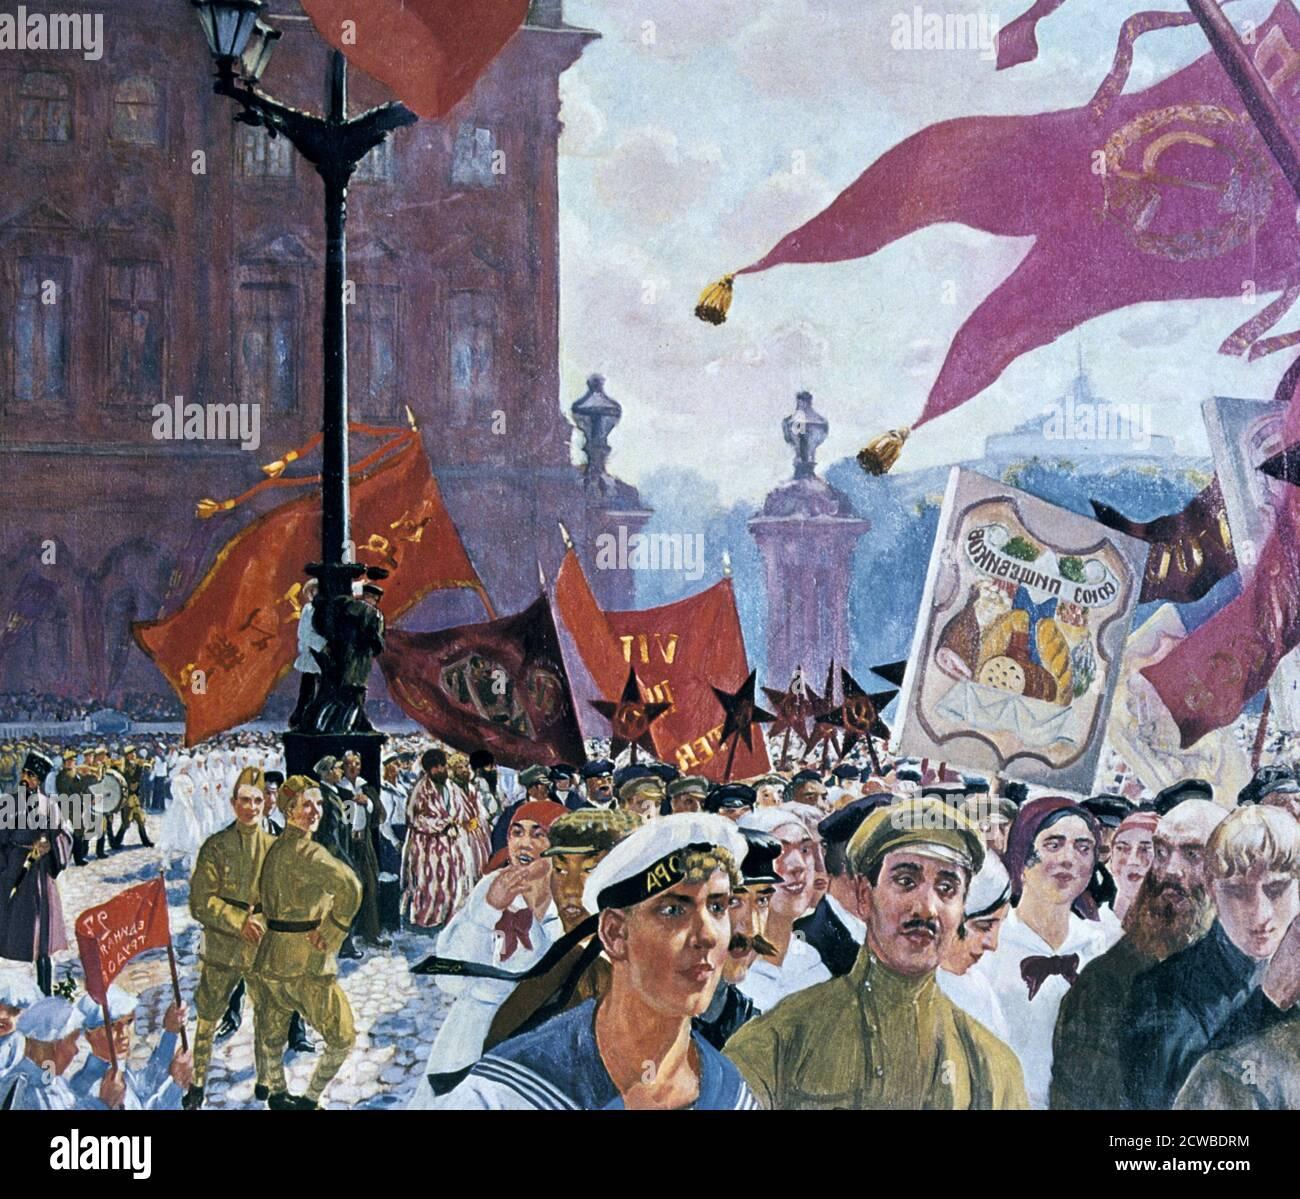 Fiestas que marcan la apertura del segundo congreso de la Comintern', 1921. Artista: Boris Mikhaylovich Kustodiev. Boris Mikhaylovich Kustodiev fue un pintor y diseñador de escena ruso. Foto de stock